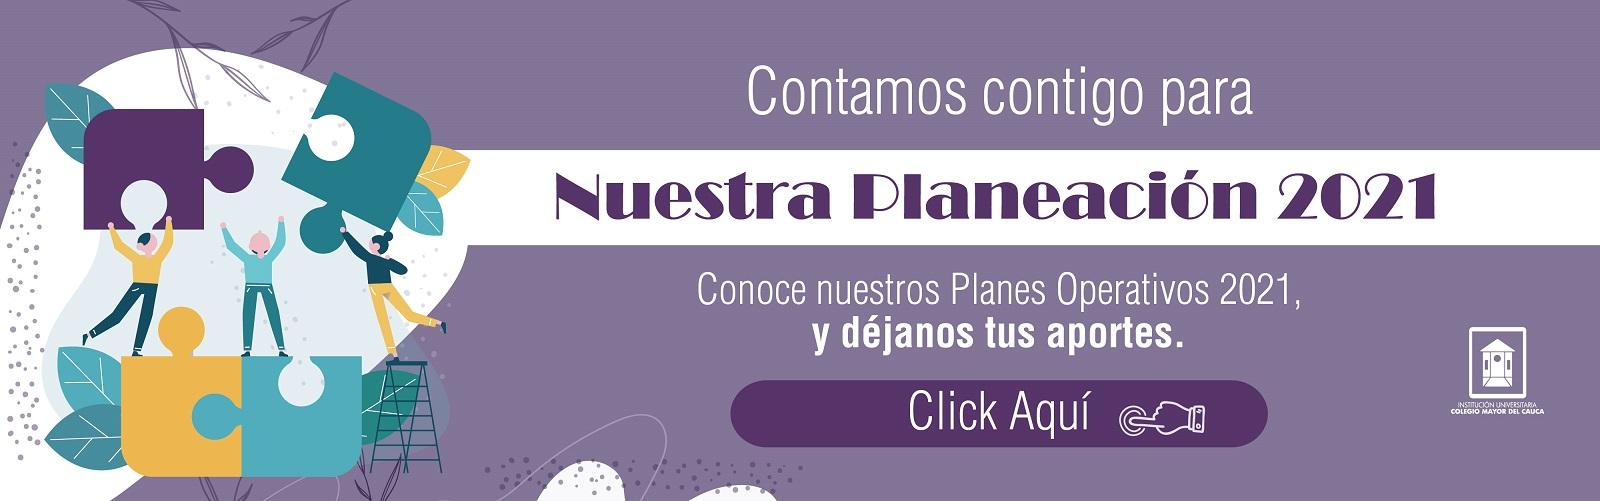 Banner_Planeacin_2021